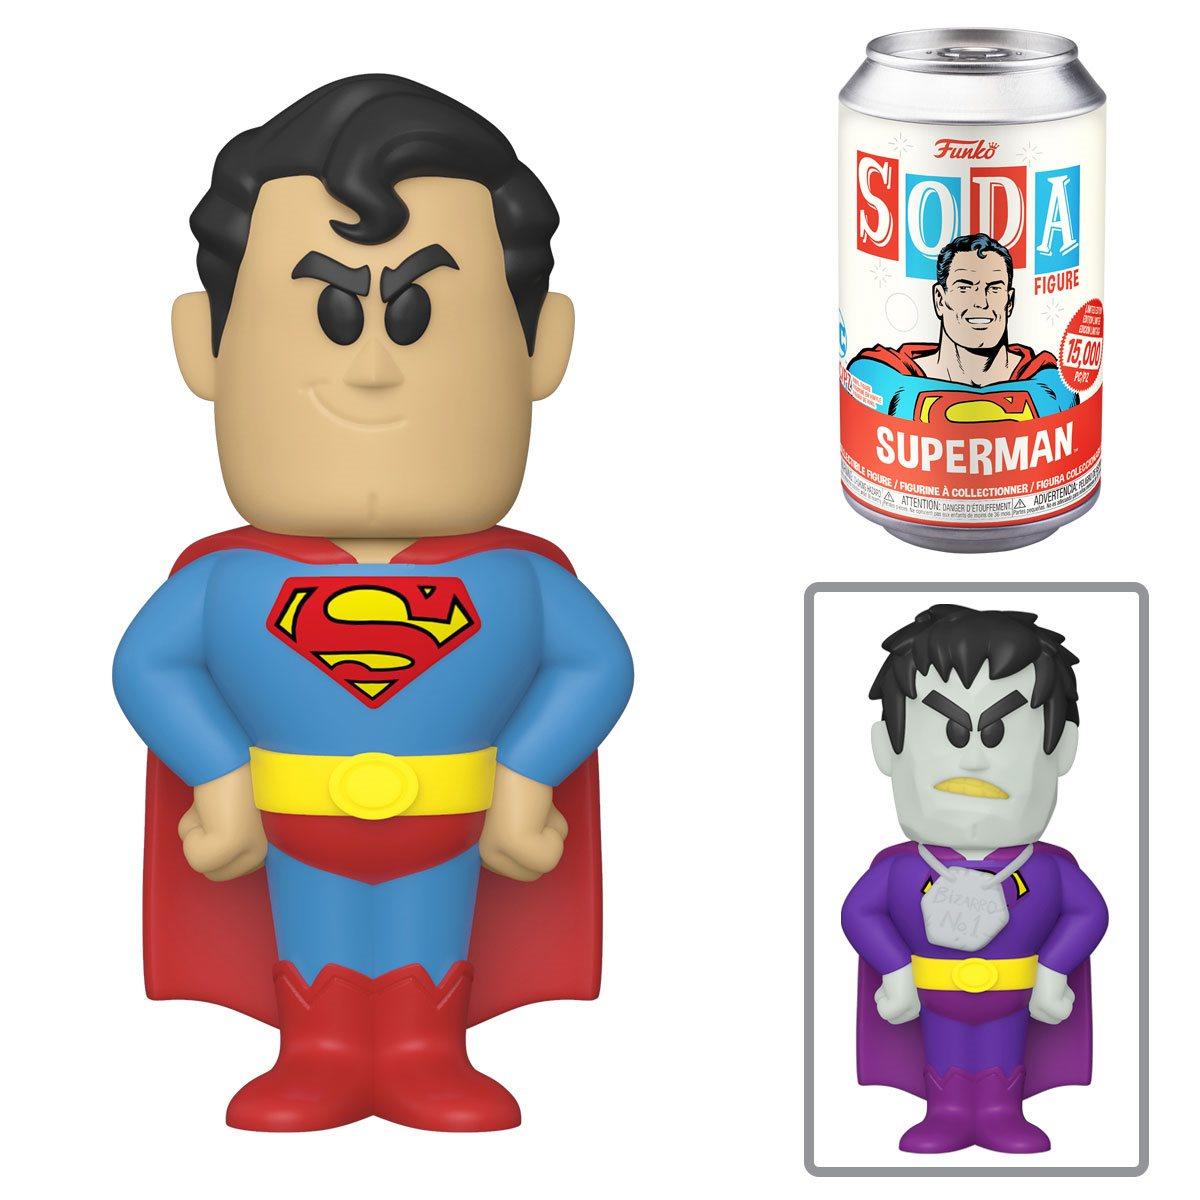 PRÉ VENDA: Lata Pop! Superman: DC Comics Vinyl Soda: ( Edição Limitada) - Funko